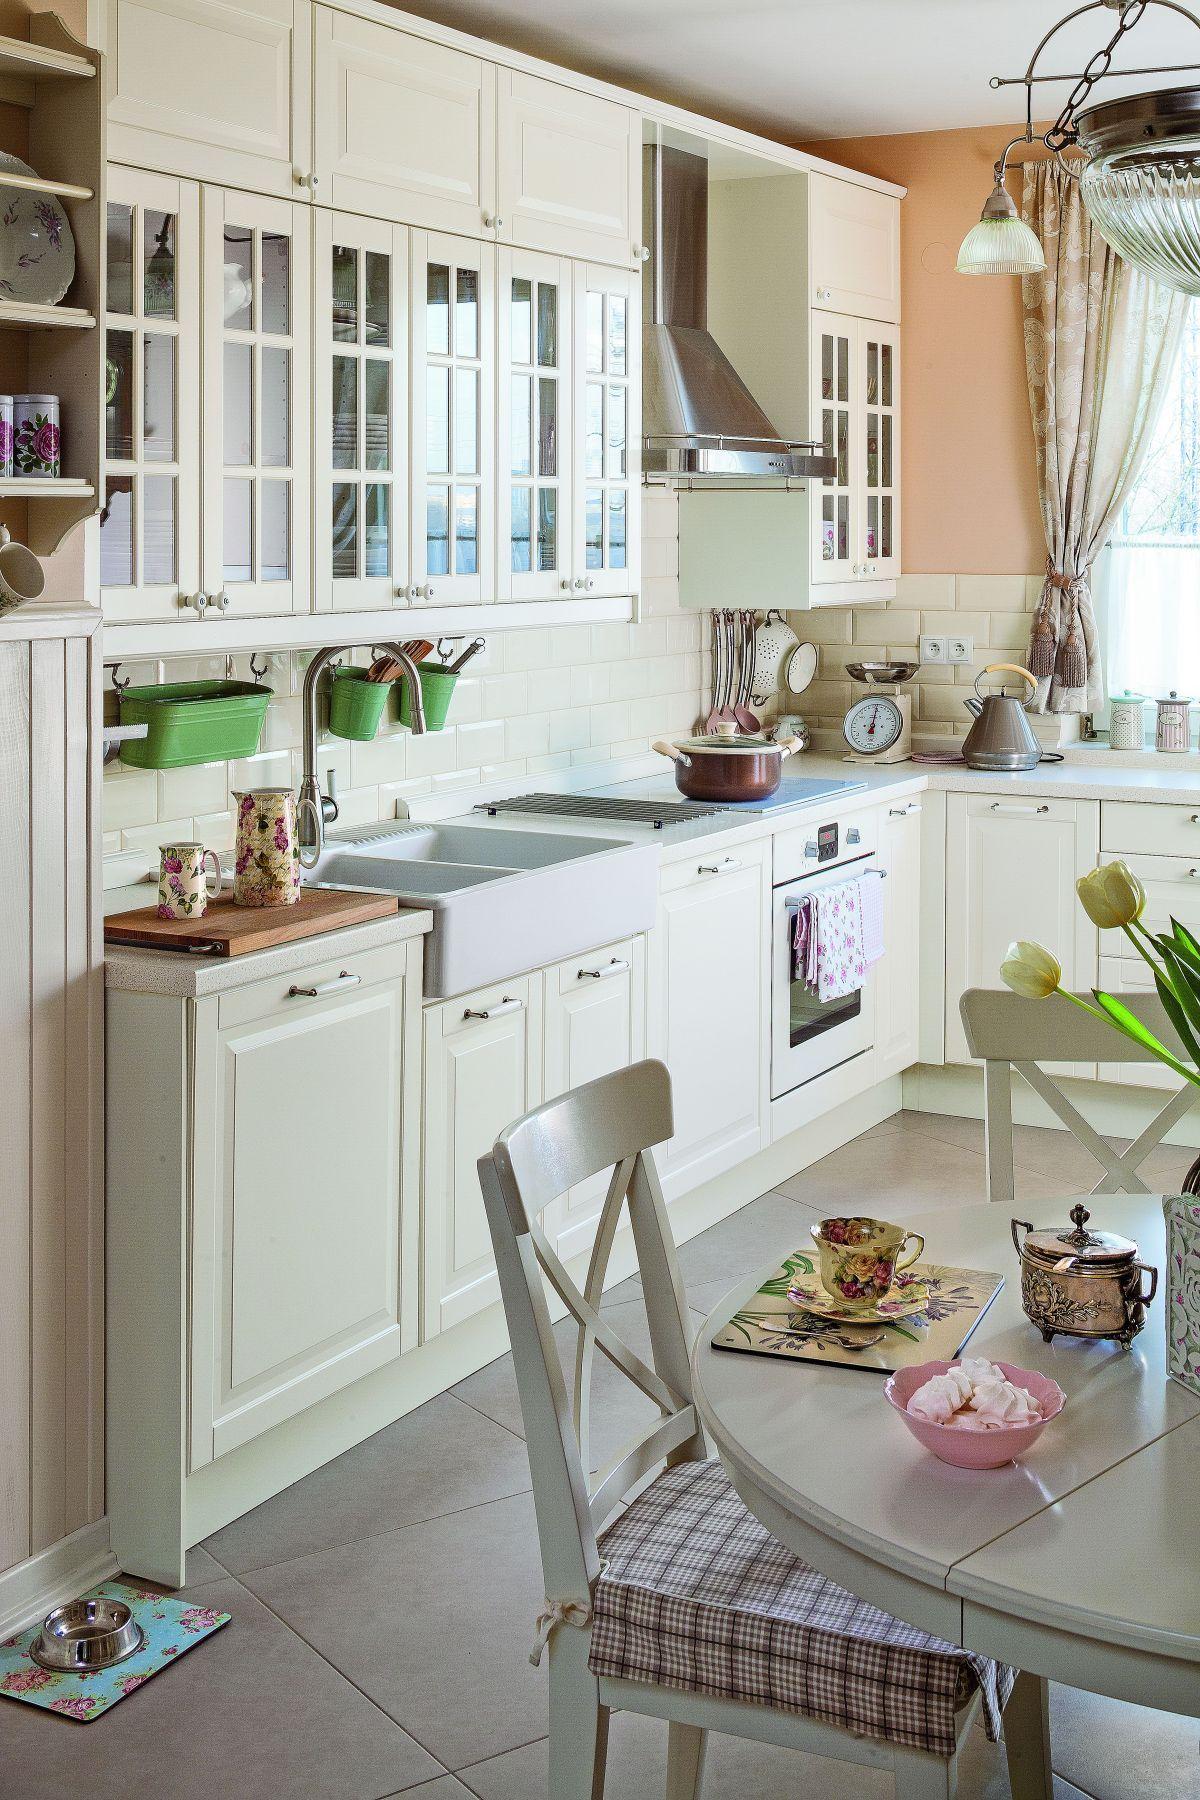 Kuchnia W Stylu Angielskim Kuchnia Ikea W Prawdziwym Wnetrzu Country Kitchen Home Home Decor